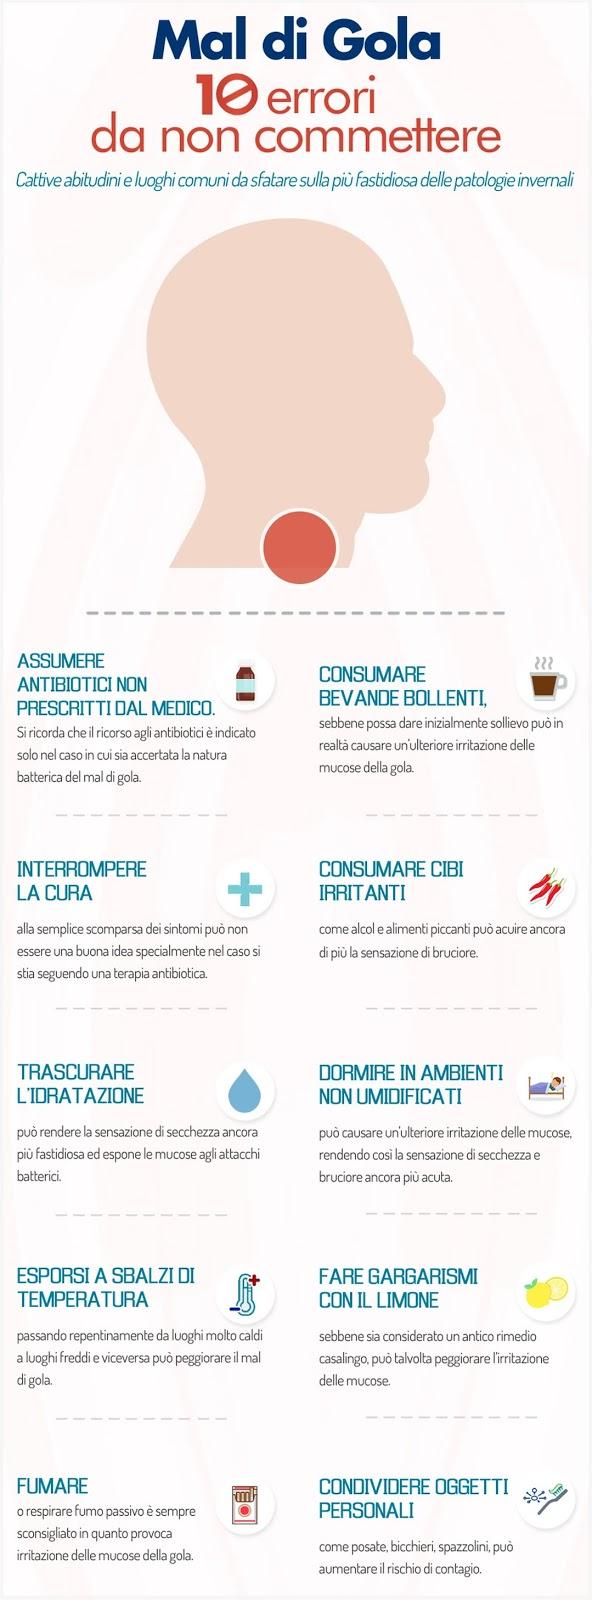 mal di gola: cause, rimedi, prevenzione, errori da evitare